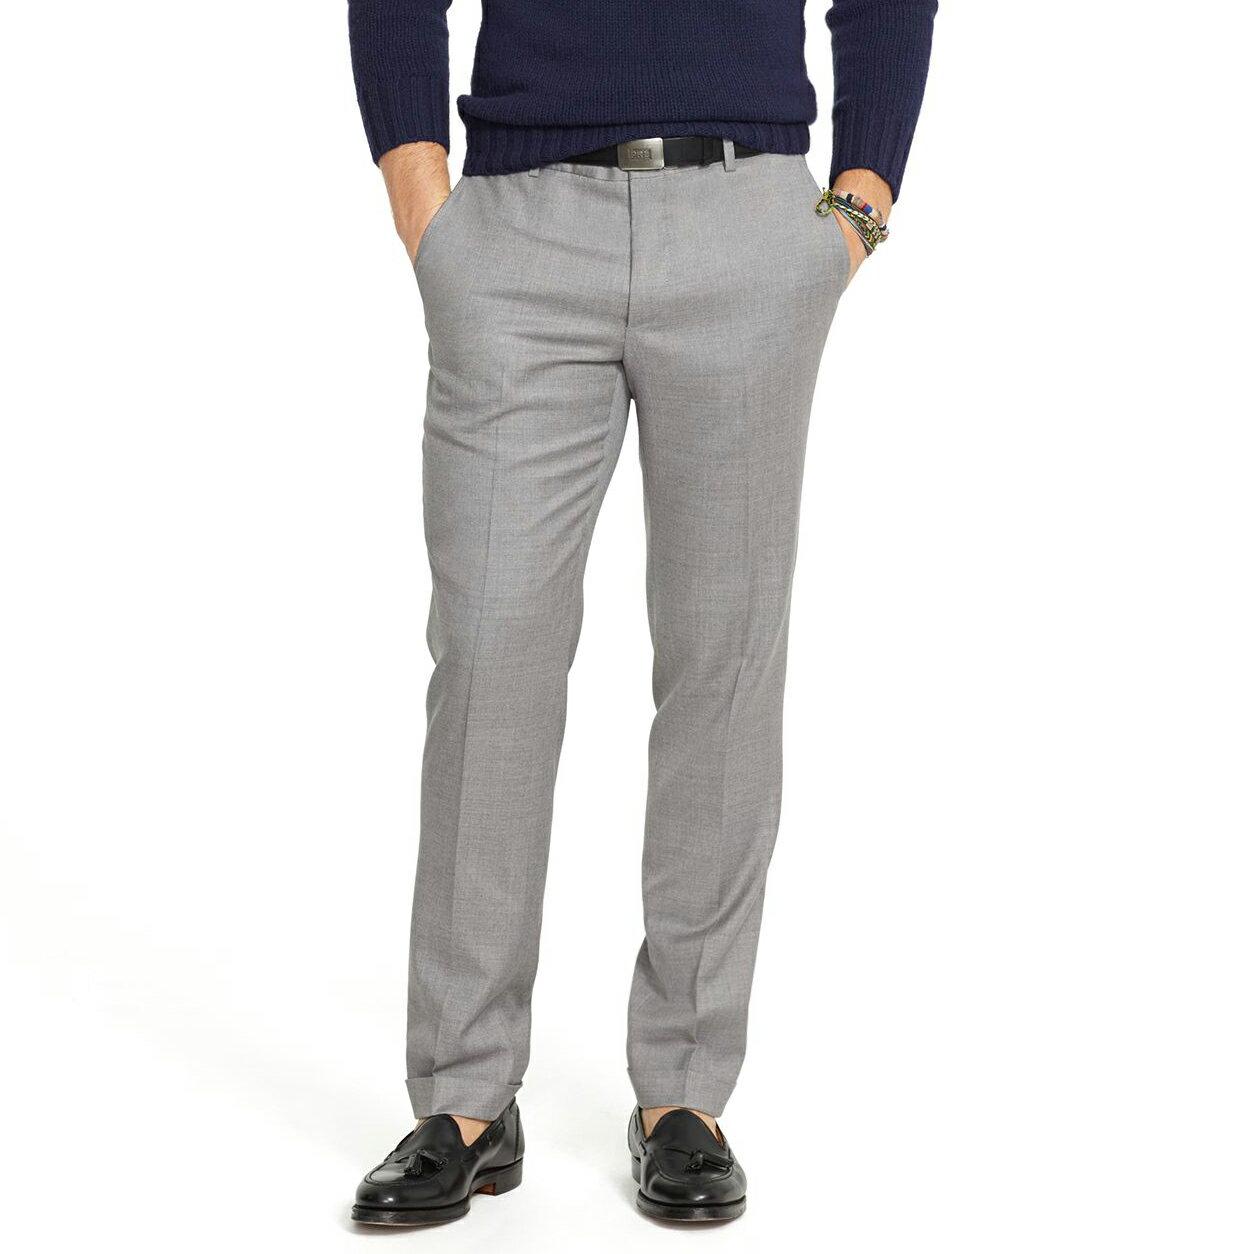 美國百分百【Ralph Lauren】長褲 RL 西裝褲 直筒褲 休閒褲 上班 合身 窄版 灰色 30 32腰 E320